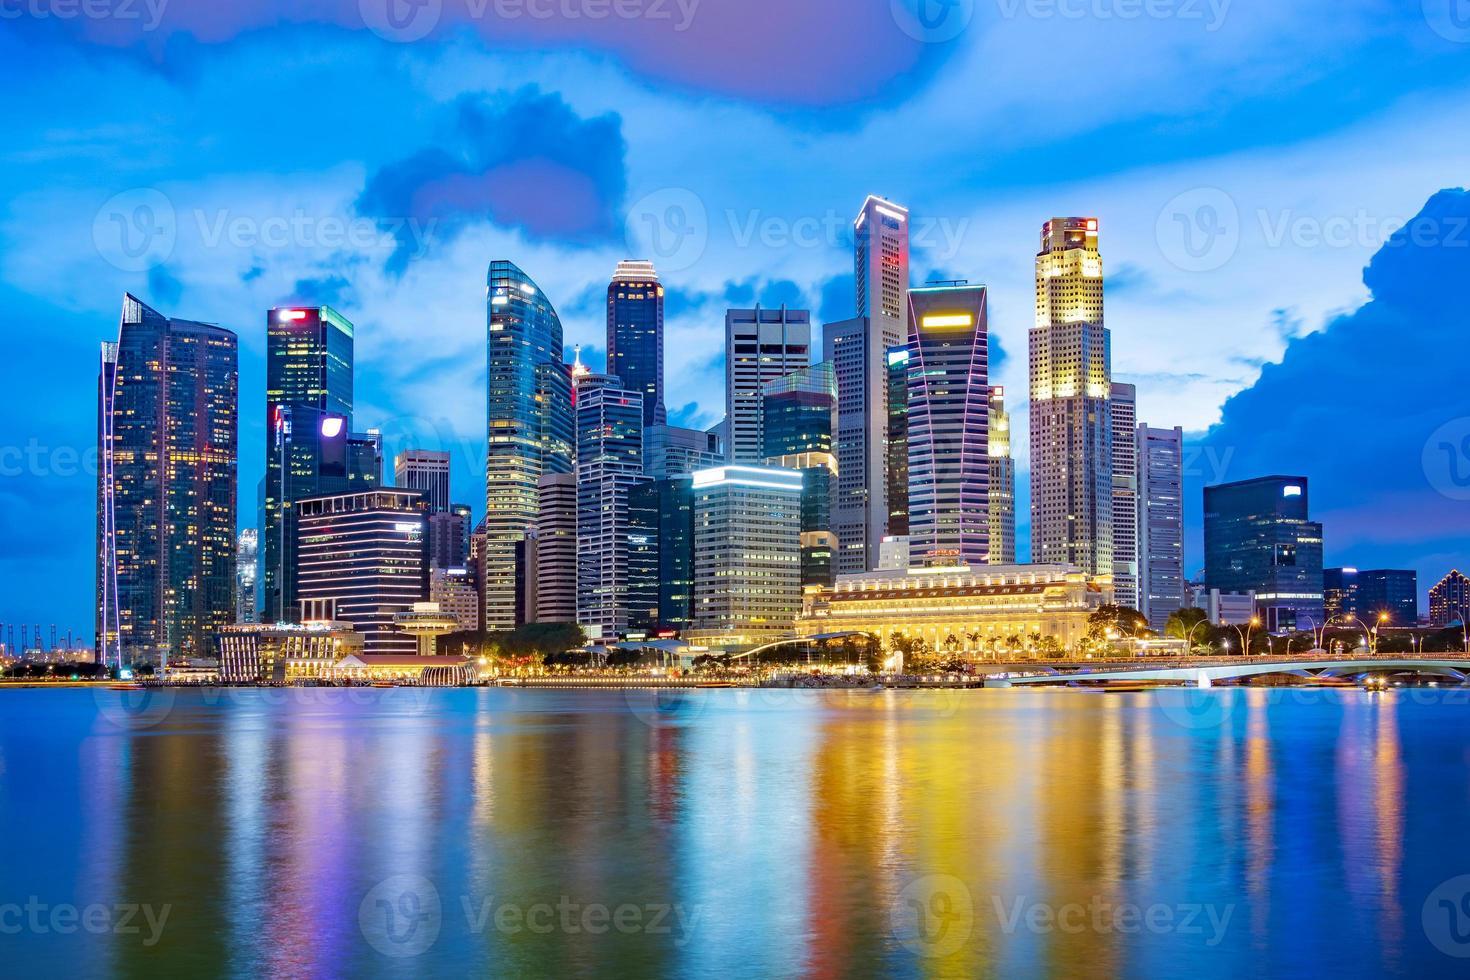 Skyline des Finanzviertels von Singapur in der Marina Bay, Singapur foto